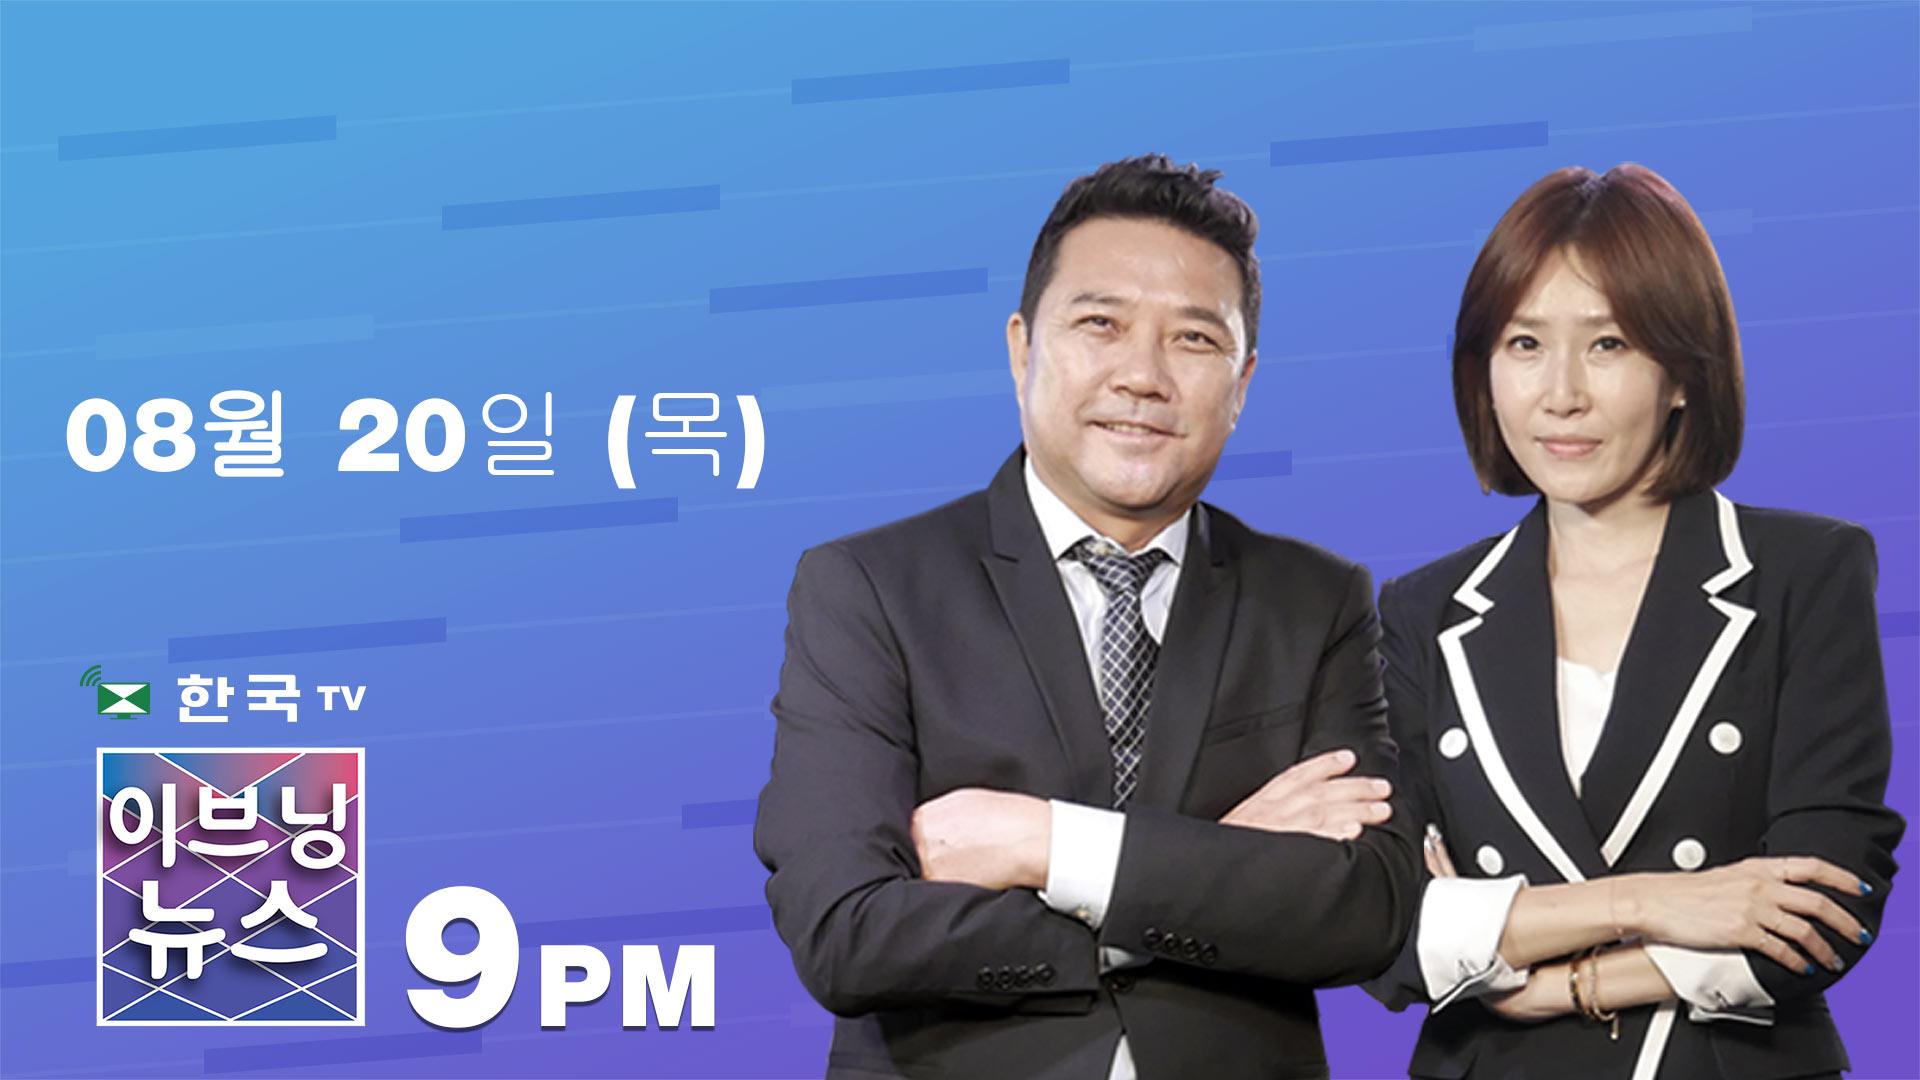 (08.20.2020) 한국TV 이브닝 뉴스